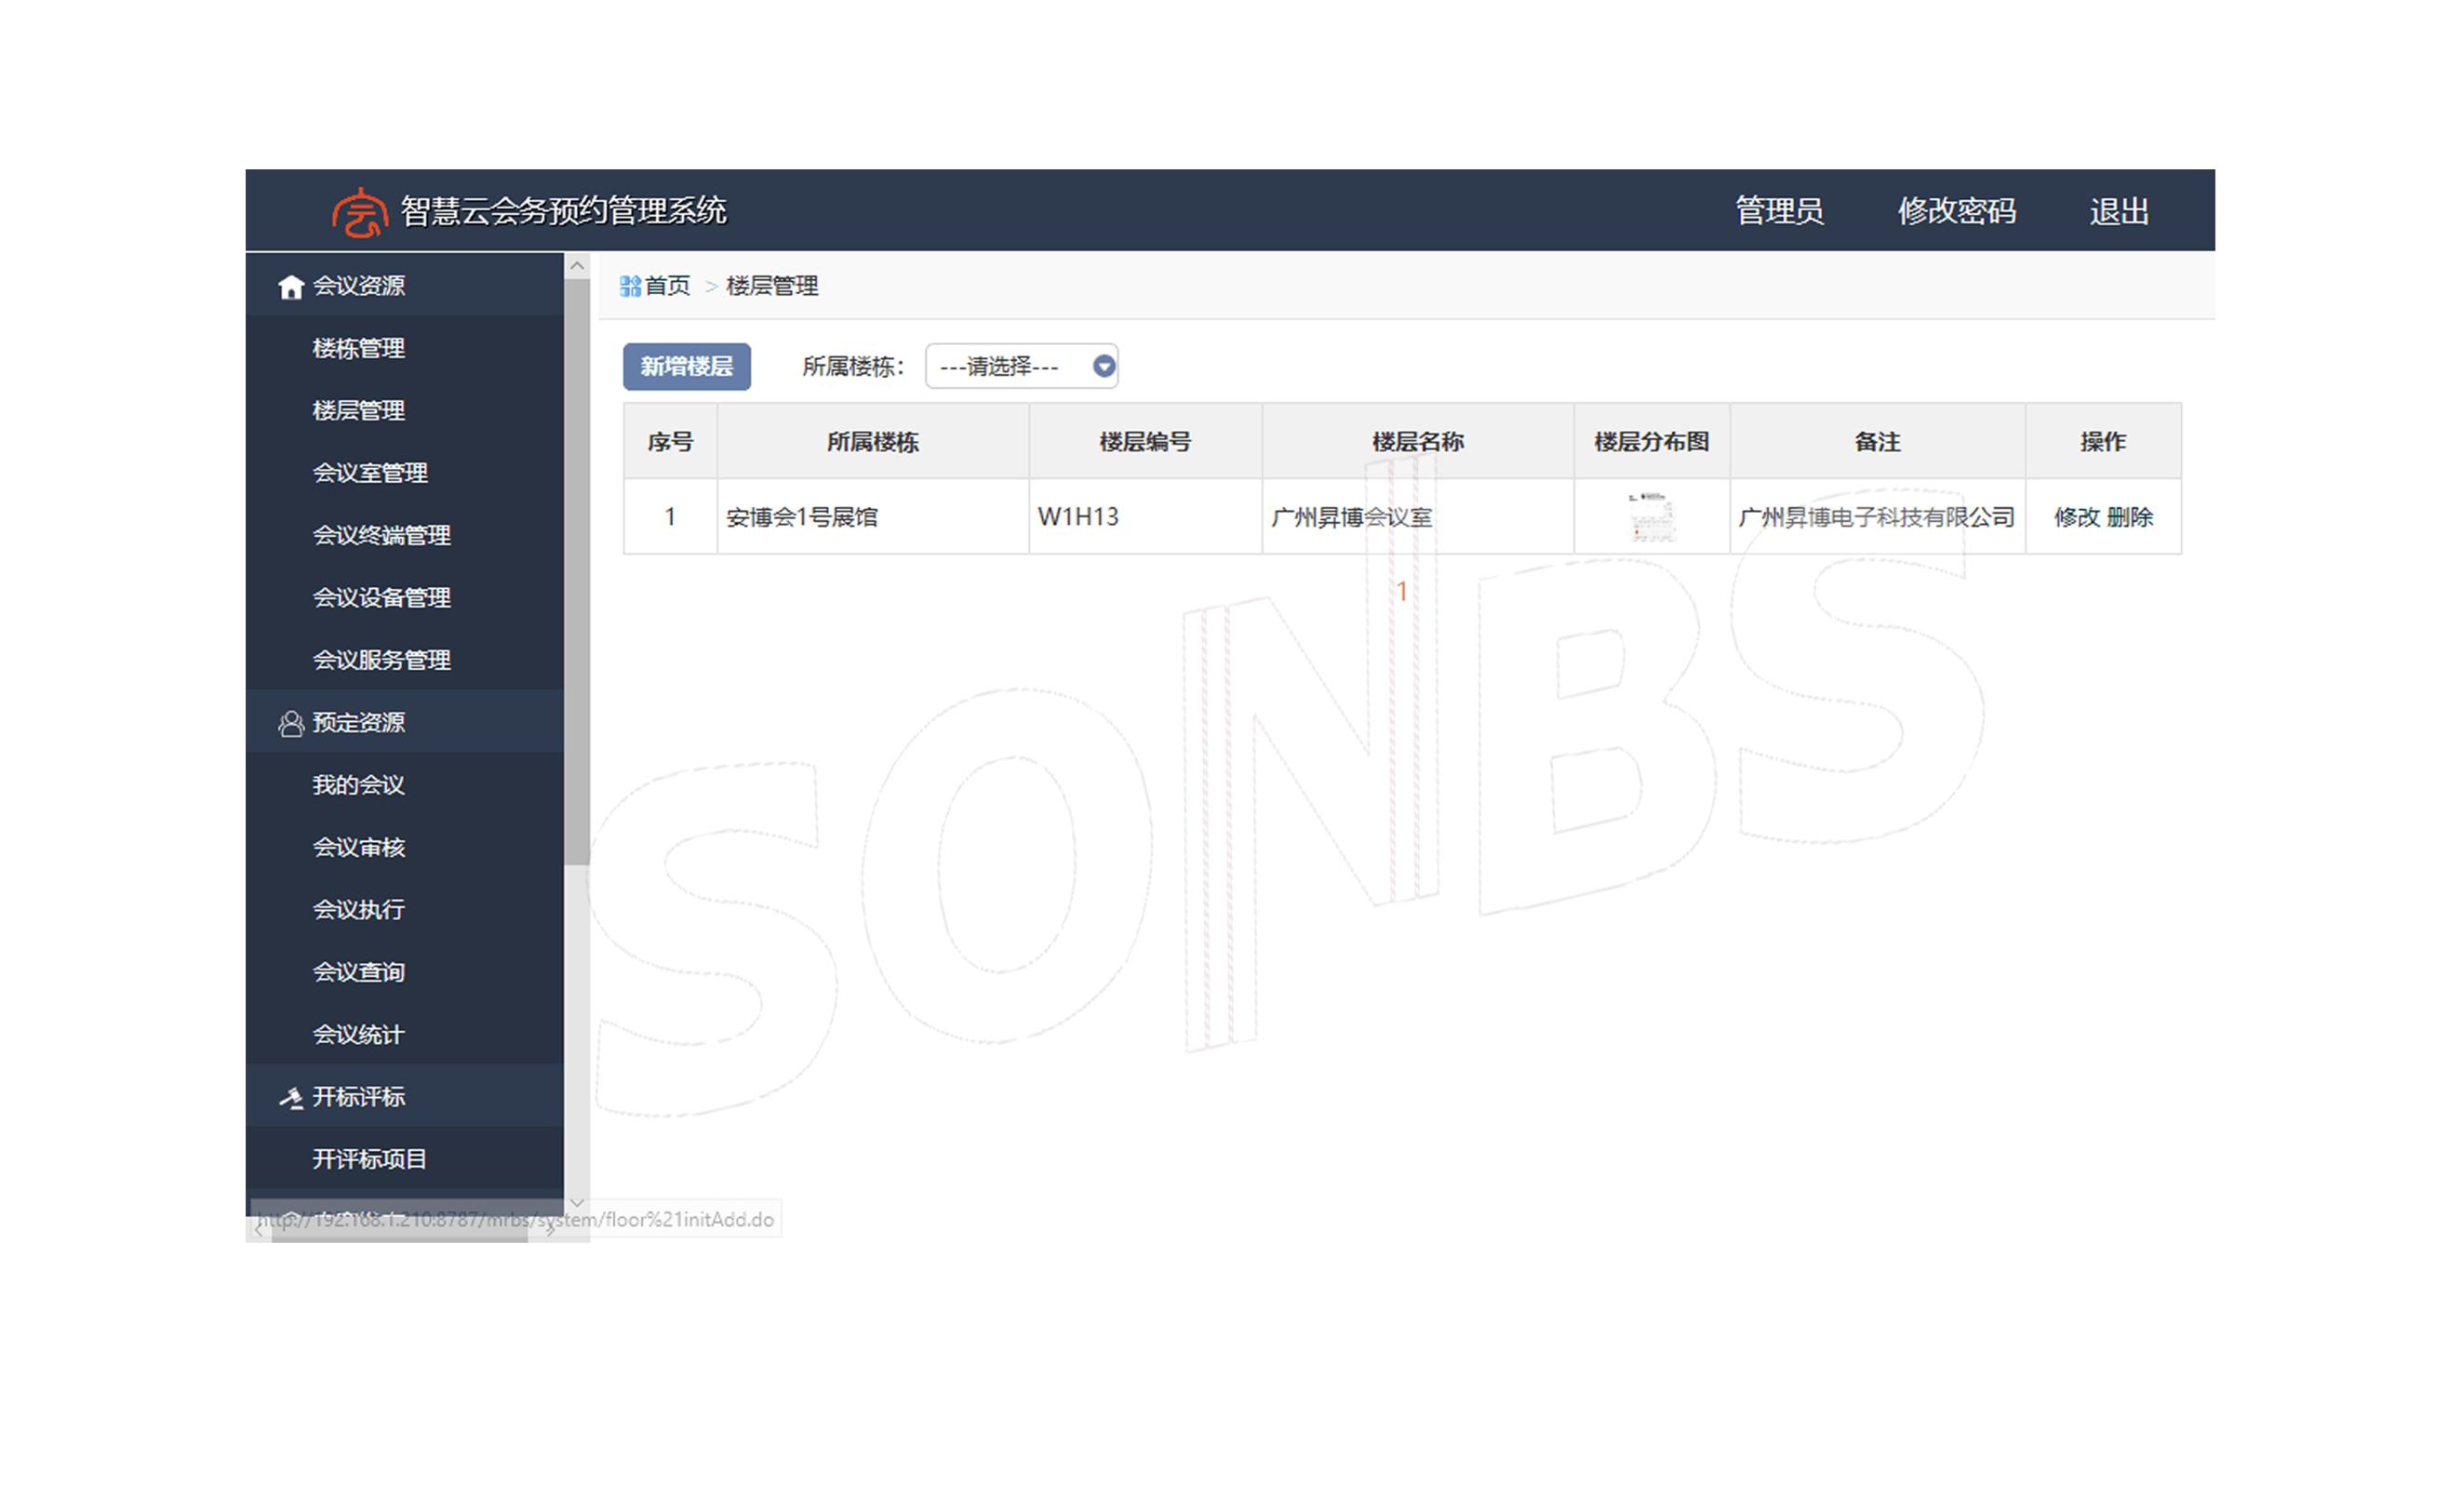 会议预约系统软件(内部网络使用)